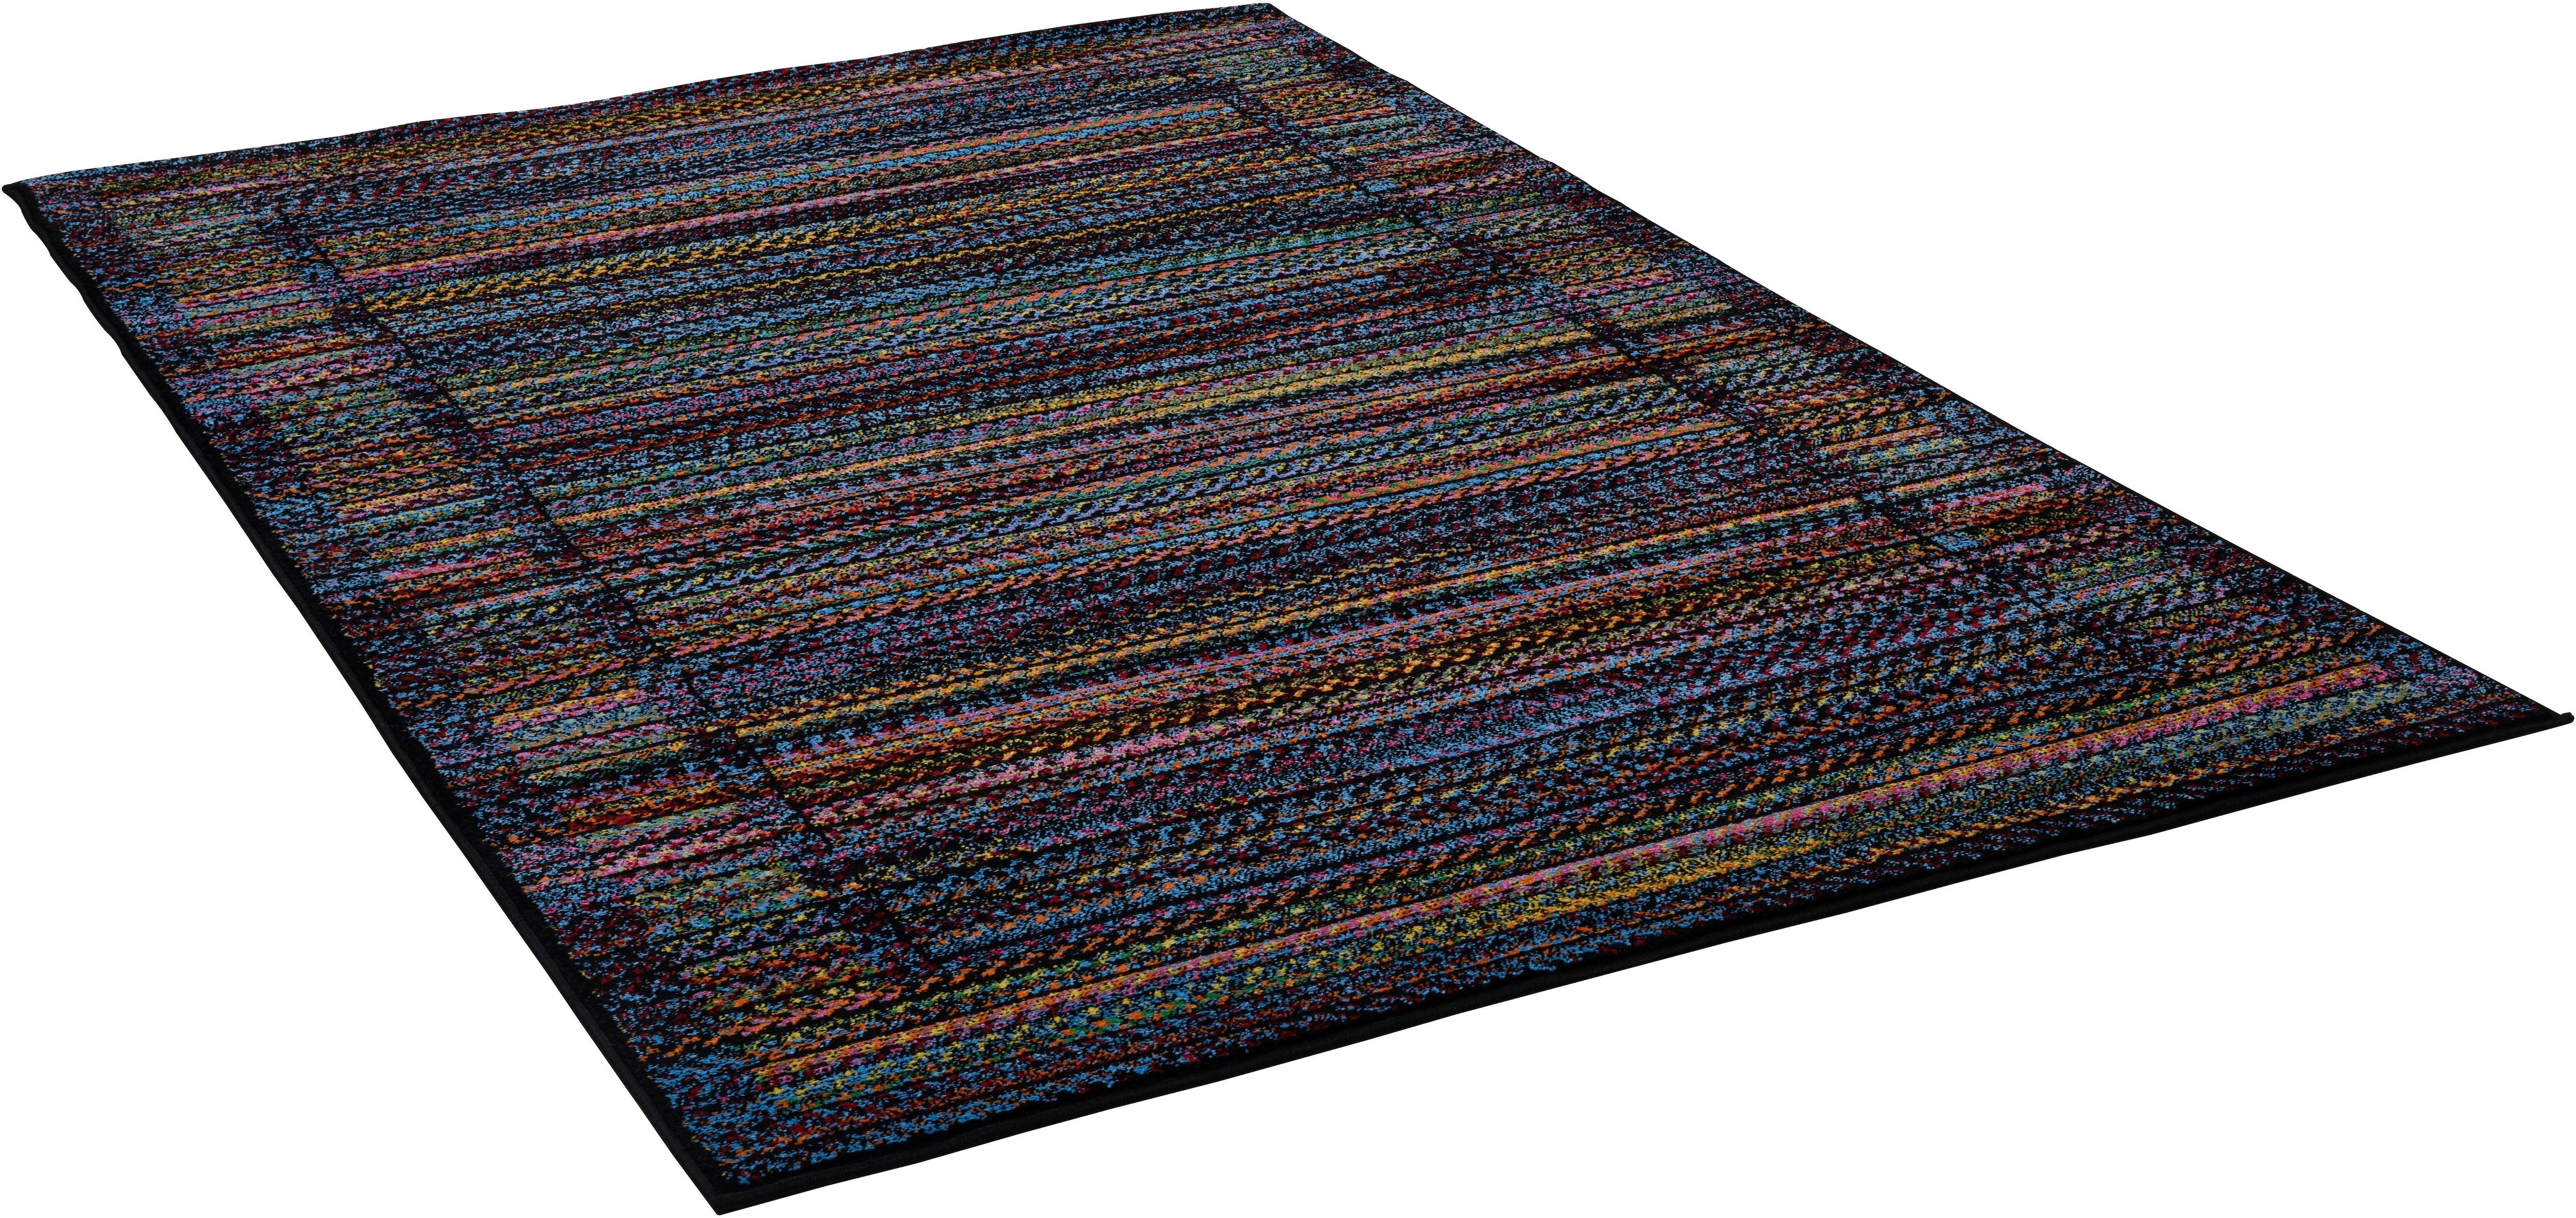 Teppich Monia 27 Gino Falcone rechteckig Höhe 11 mm maschinell gewebt